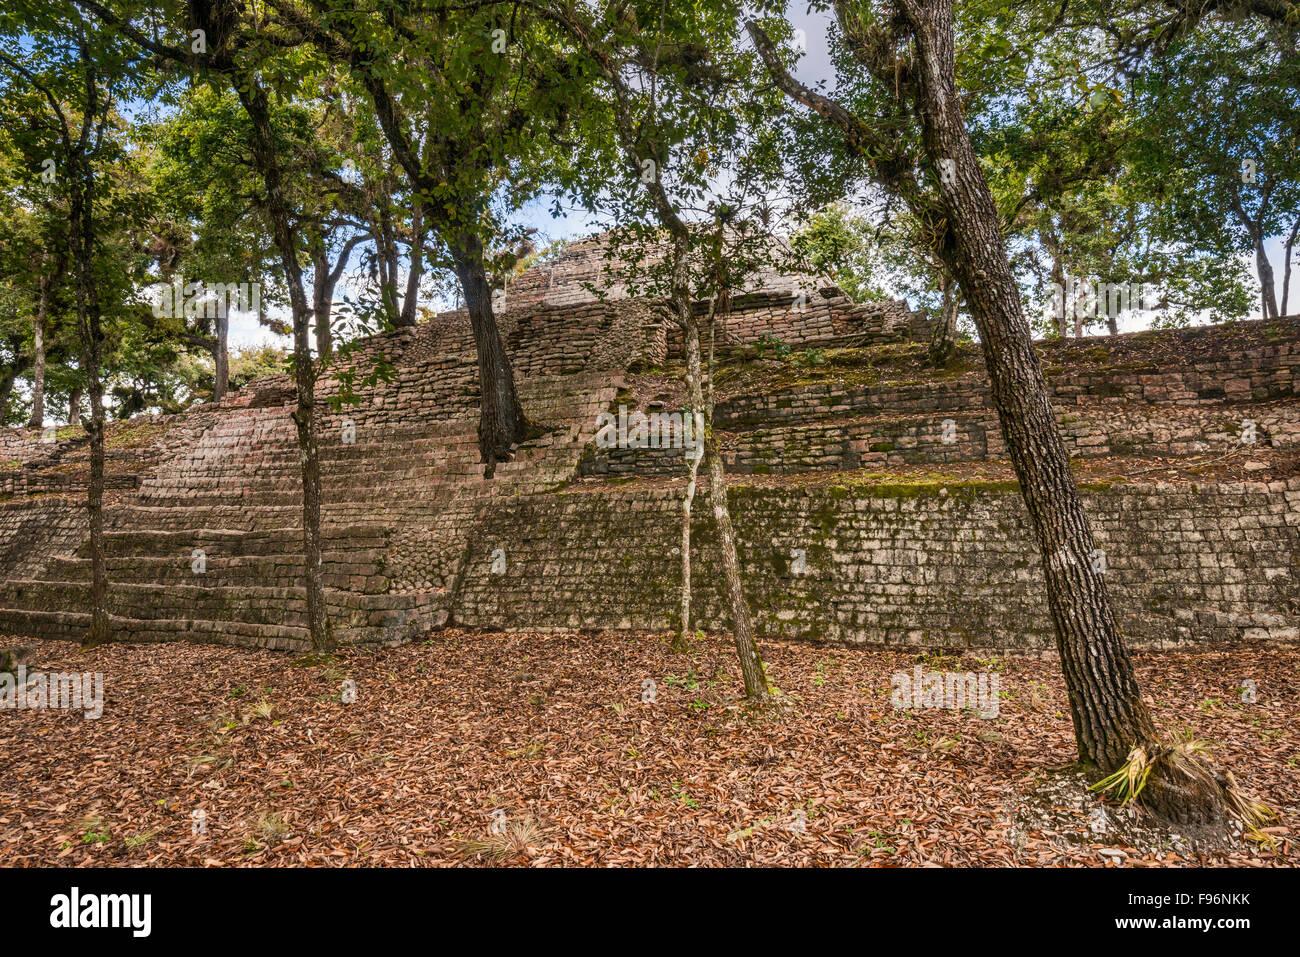 Estructura 17, pyramid, Maya ruins at Tenam Puente archaeological site, near Comitan de Dominguez, Chiapas, Mexico - Stock Image